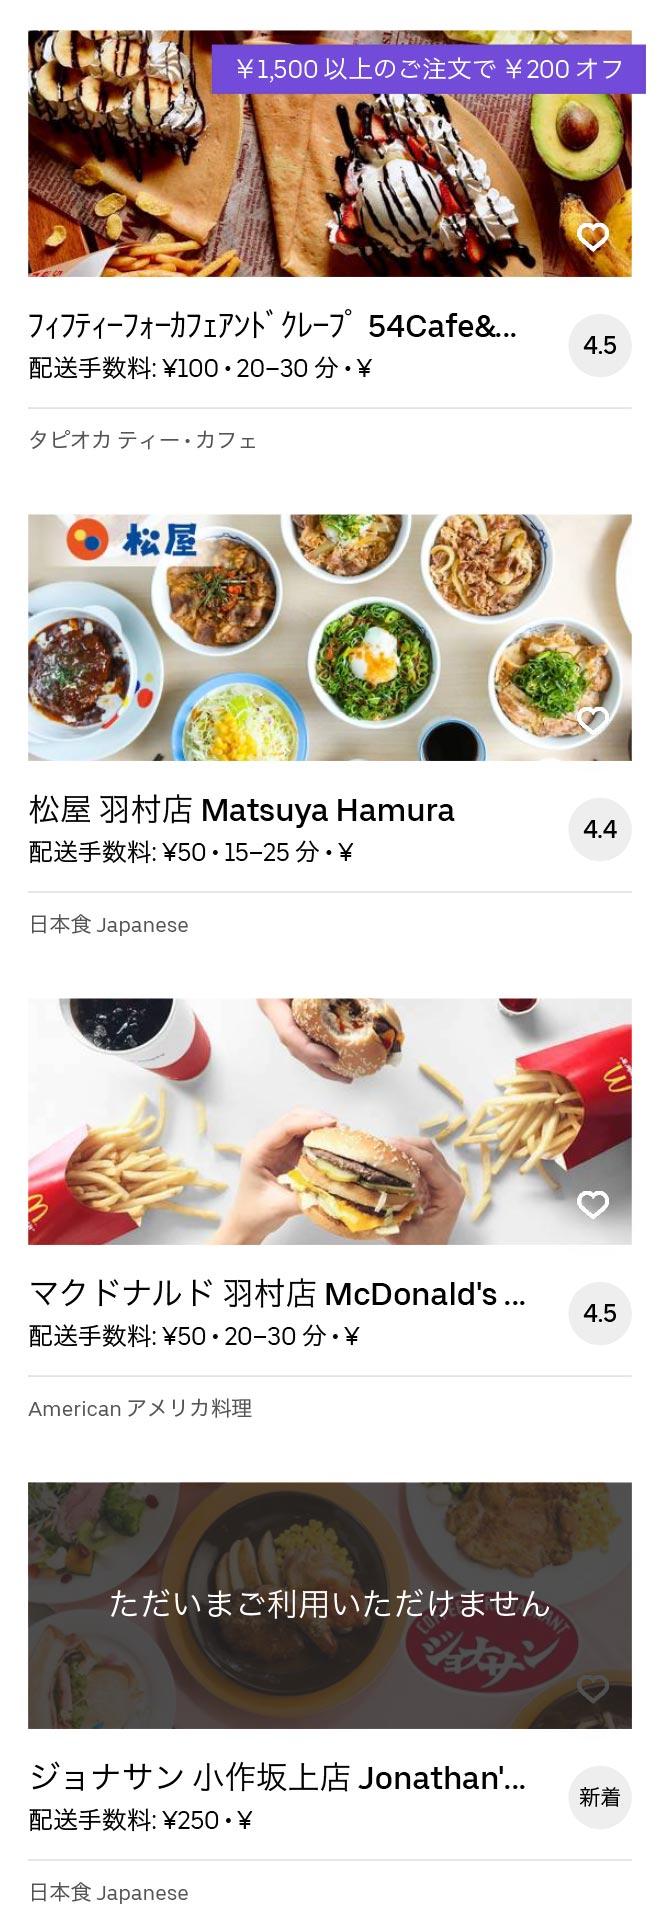 Hamura menu 2004 02